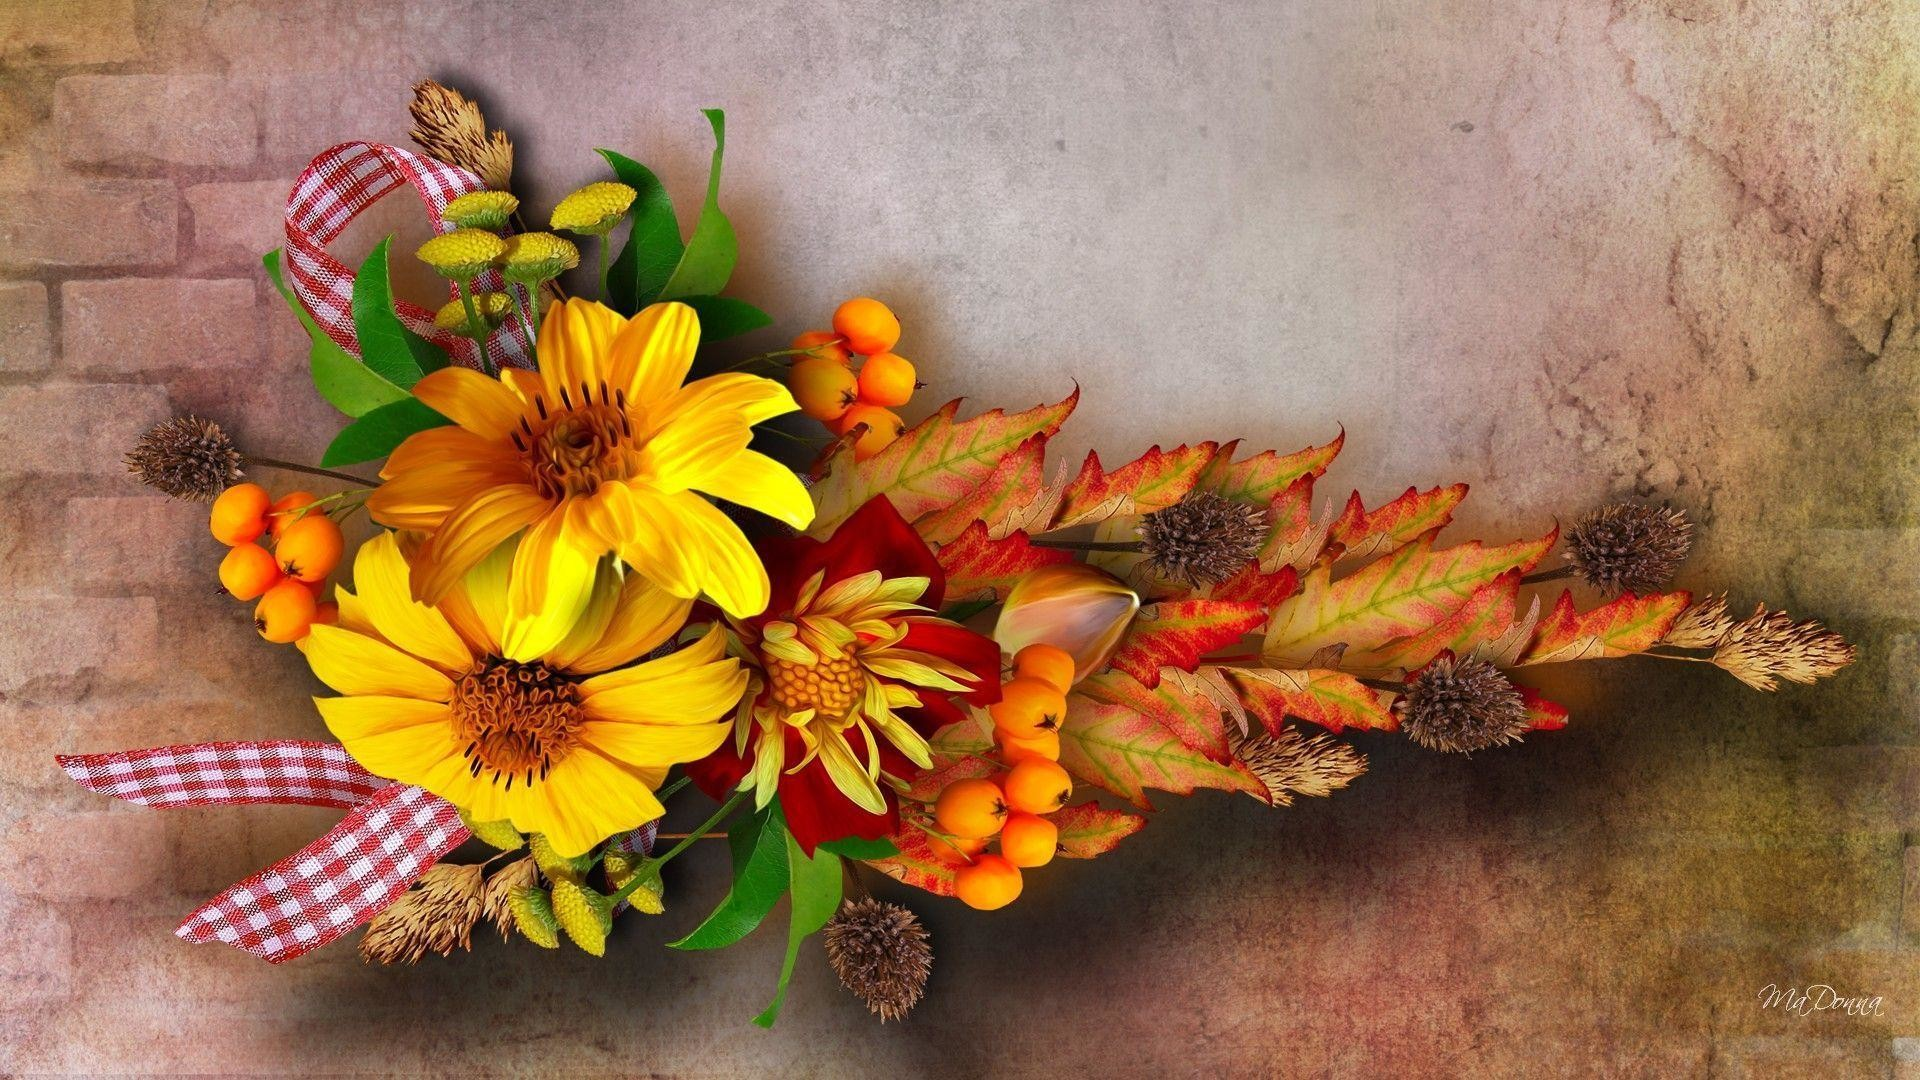 Fall Flowers And Pumpkins Wallpaper